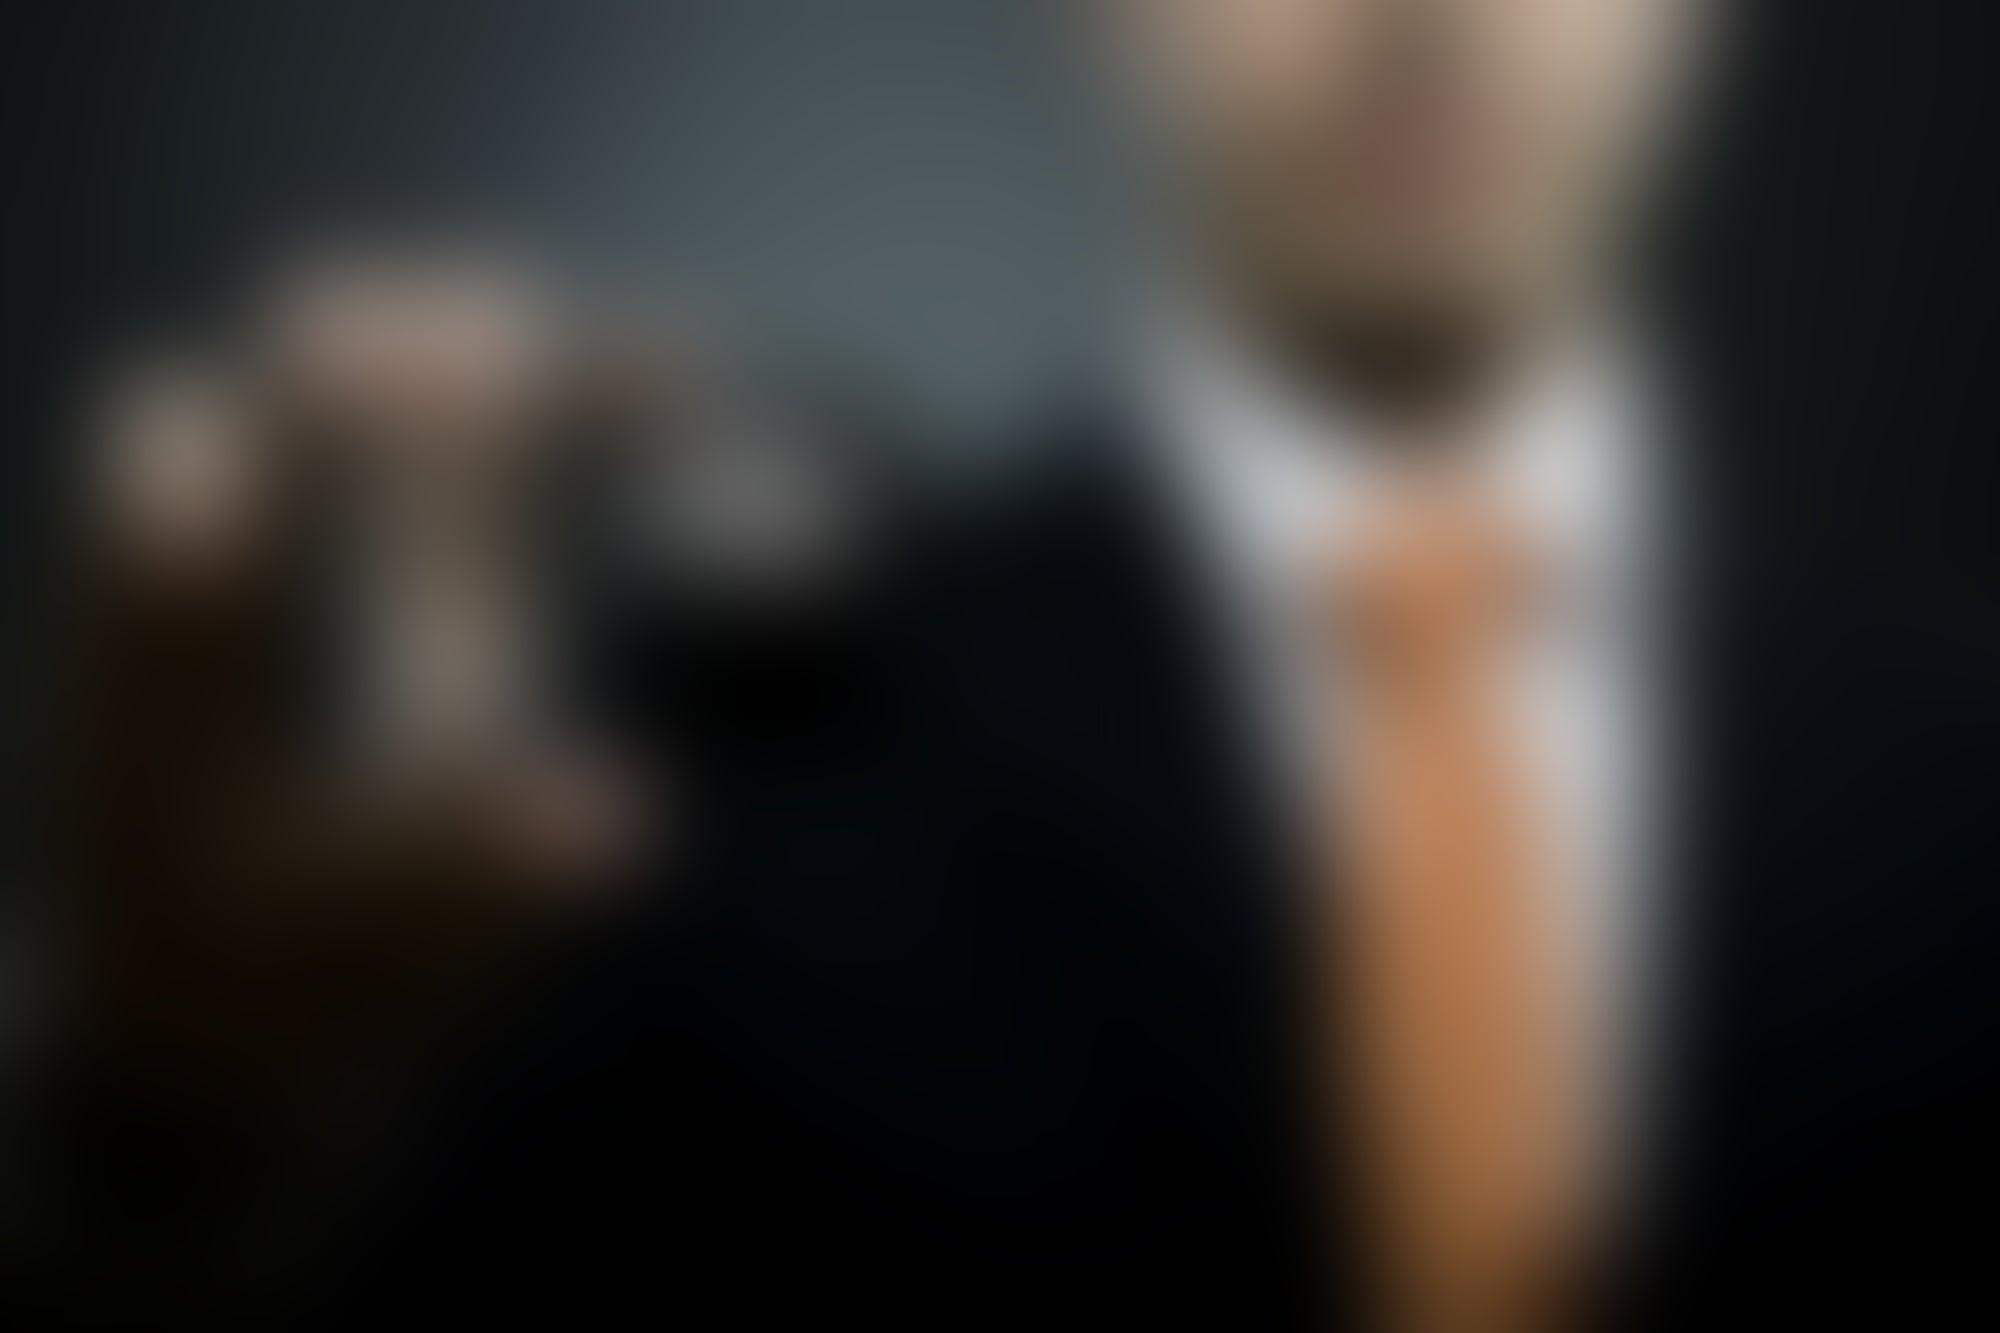 ¿Cómo comunicar cuando no te quieren escuchar? 7 secretos de un espía del FBI